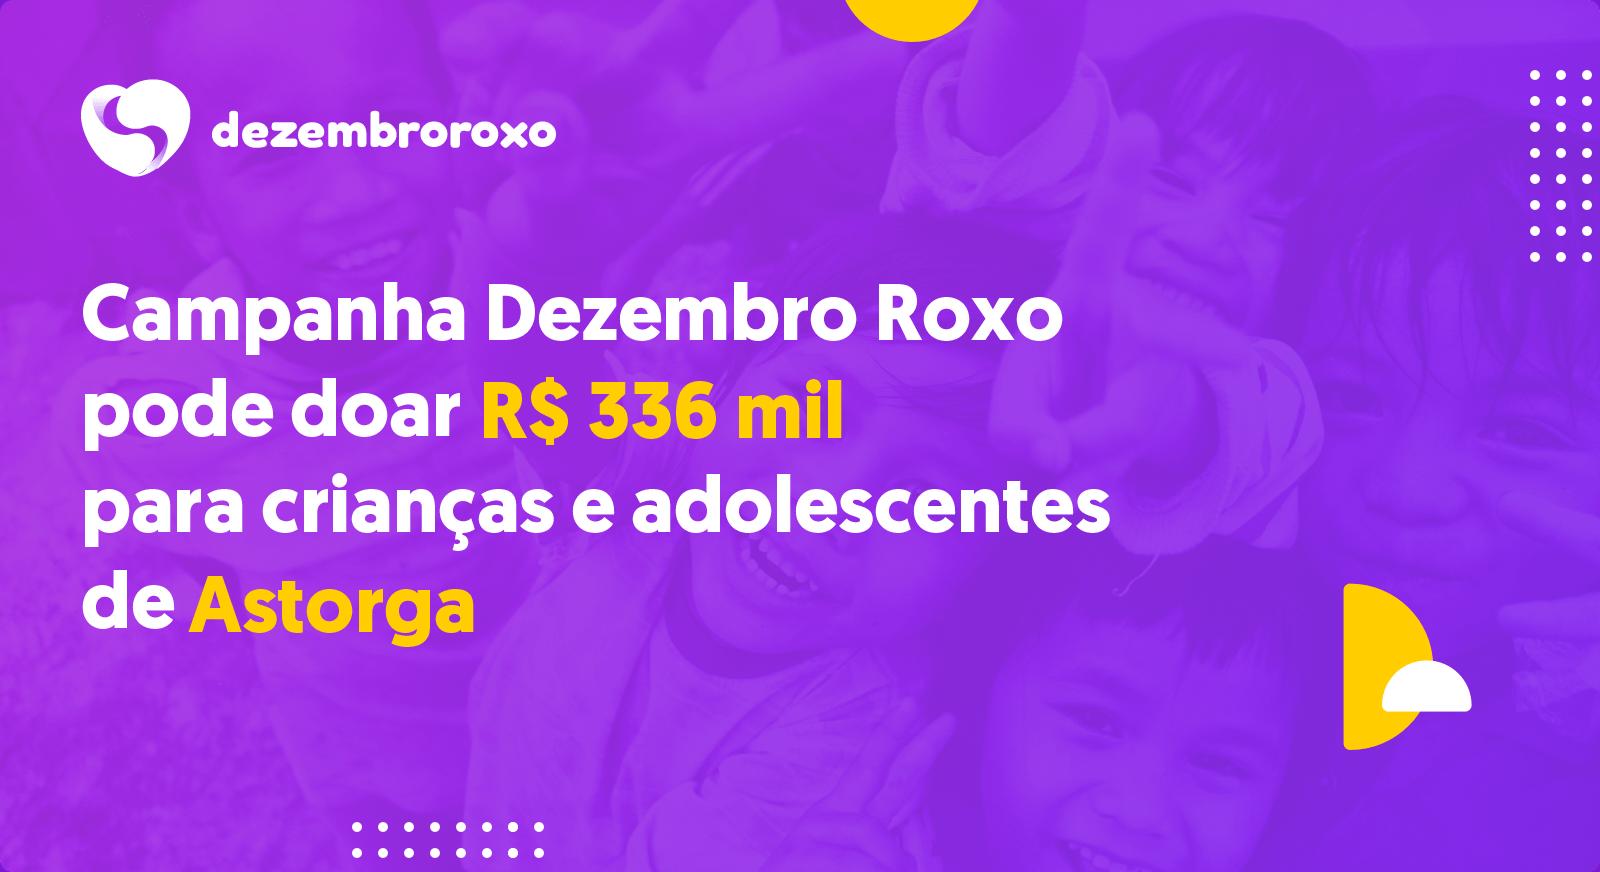 Doações em Astorga - PR